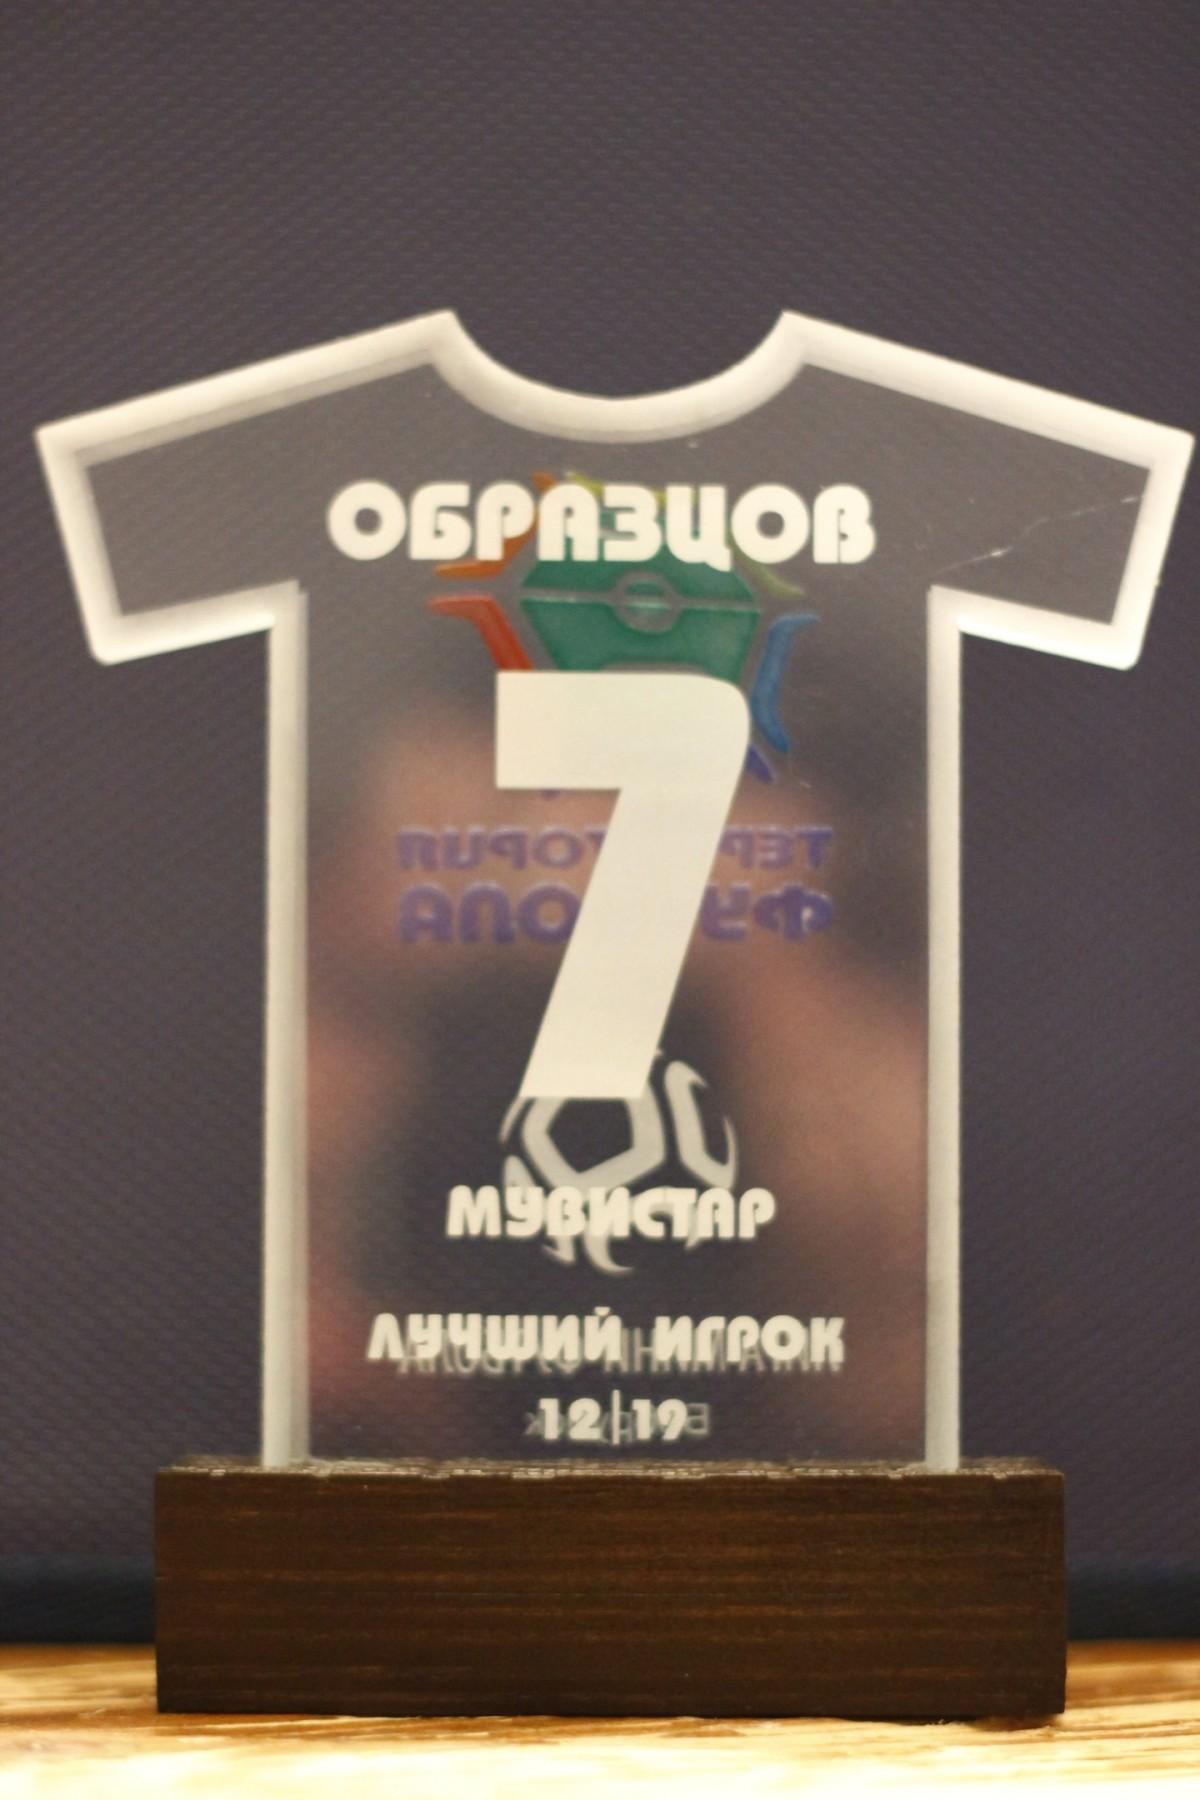 В финале кубка сразятся Легпромразвитие и 101/112, Реал теряет лидерство во Втором дивизионе, в Первом дивизионе без перемен